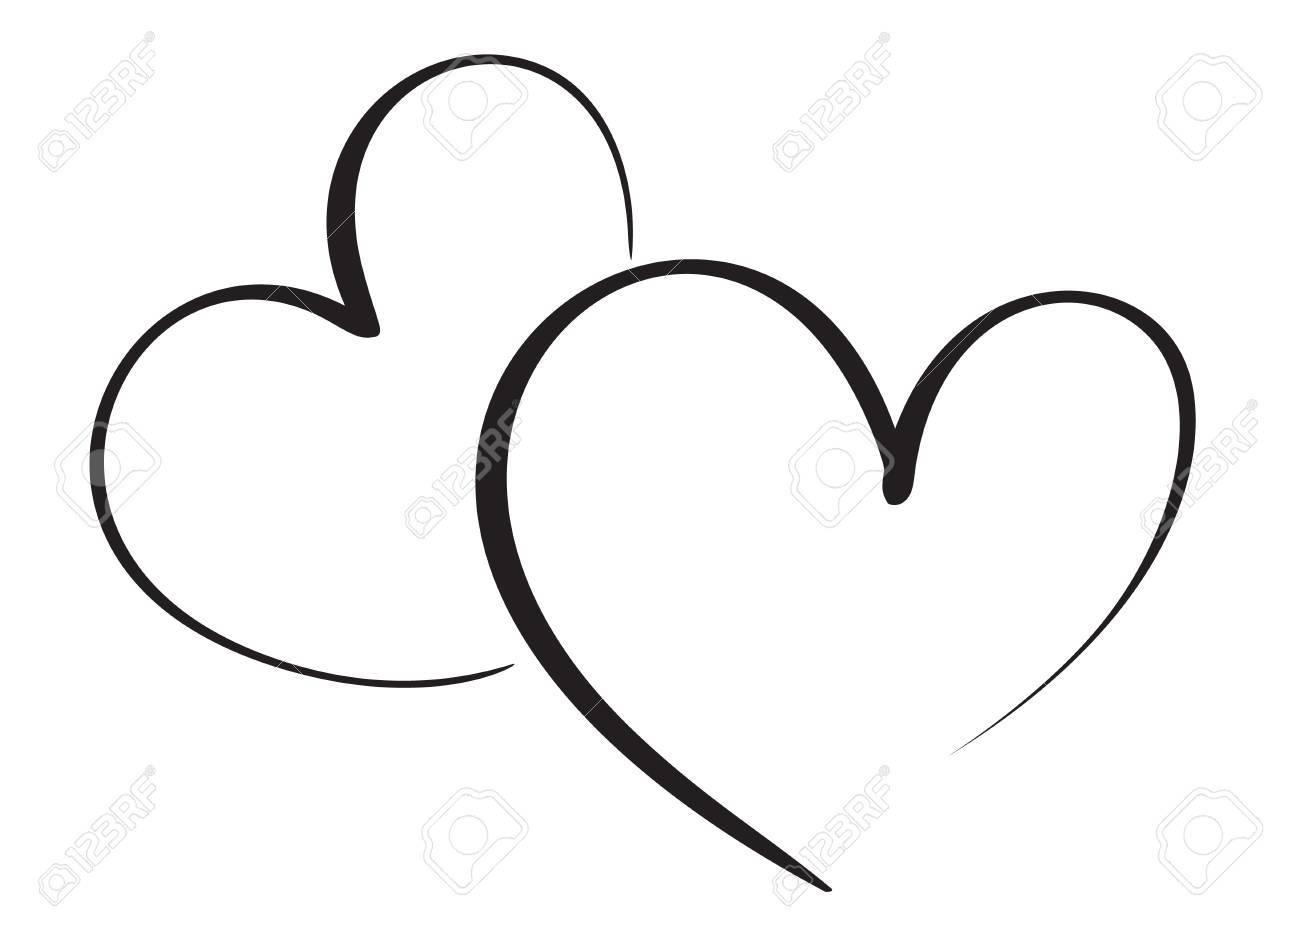 calligraphy heart art for design. Vector illustration EPS10.